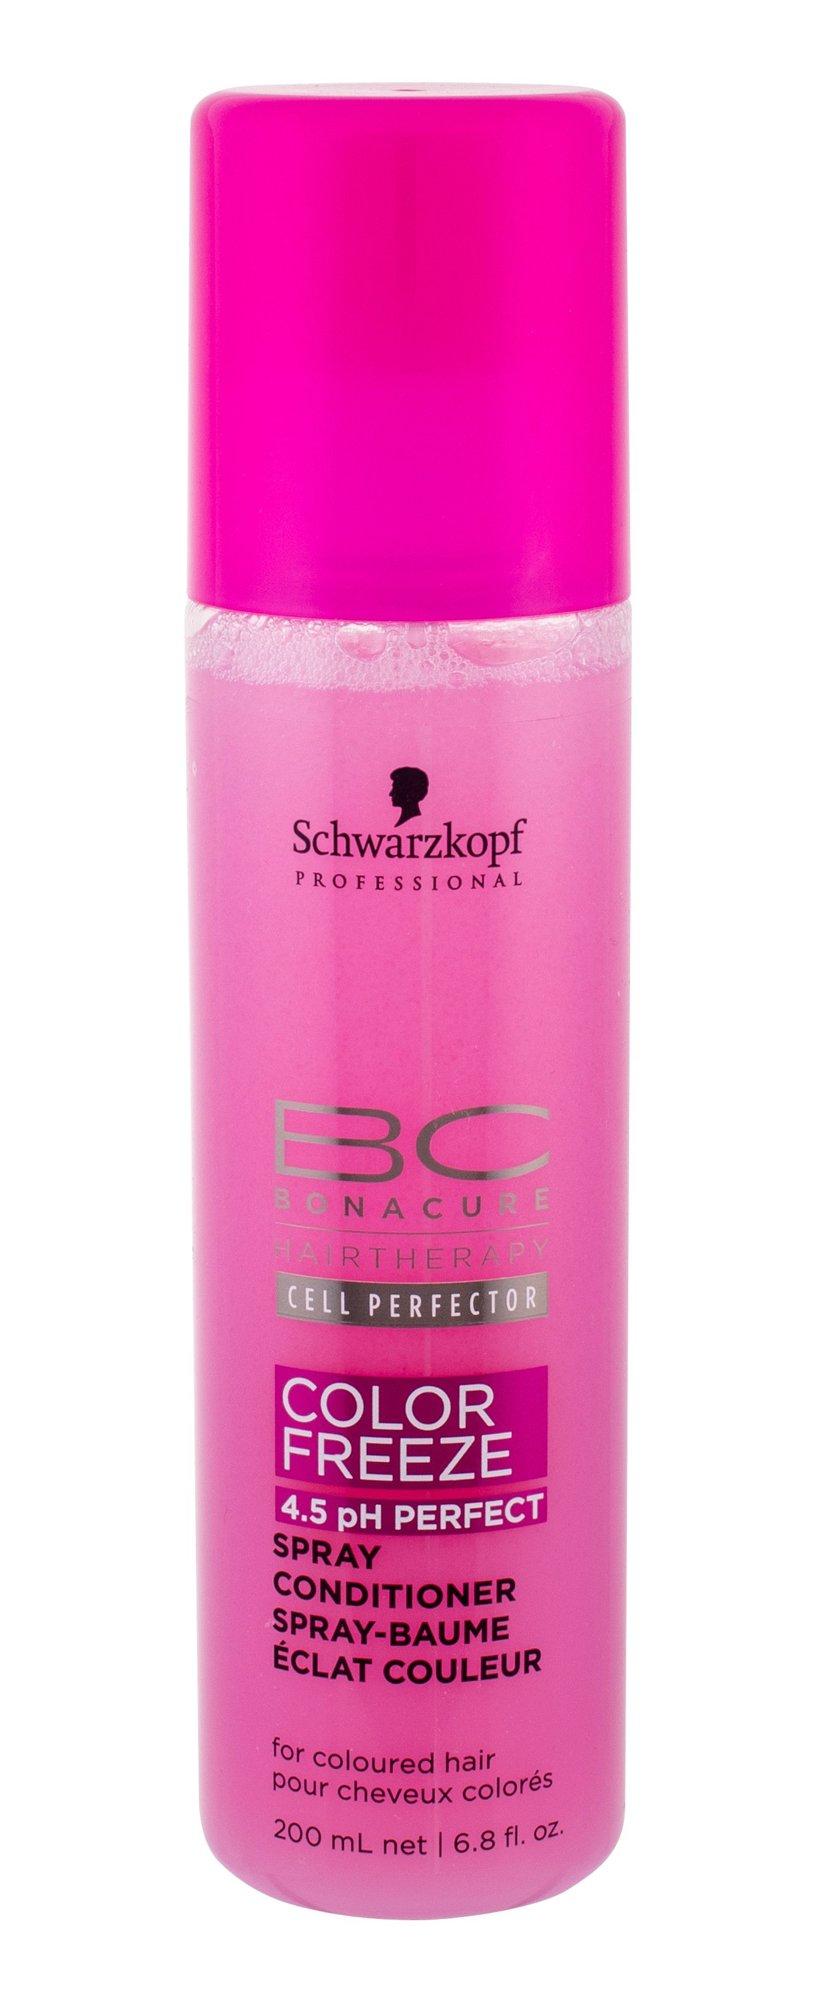 Plaukų kondicionierius Schwarzkopf BC Cell Perfector Color Freeze Spray Conditioner